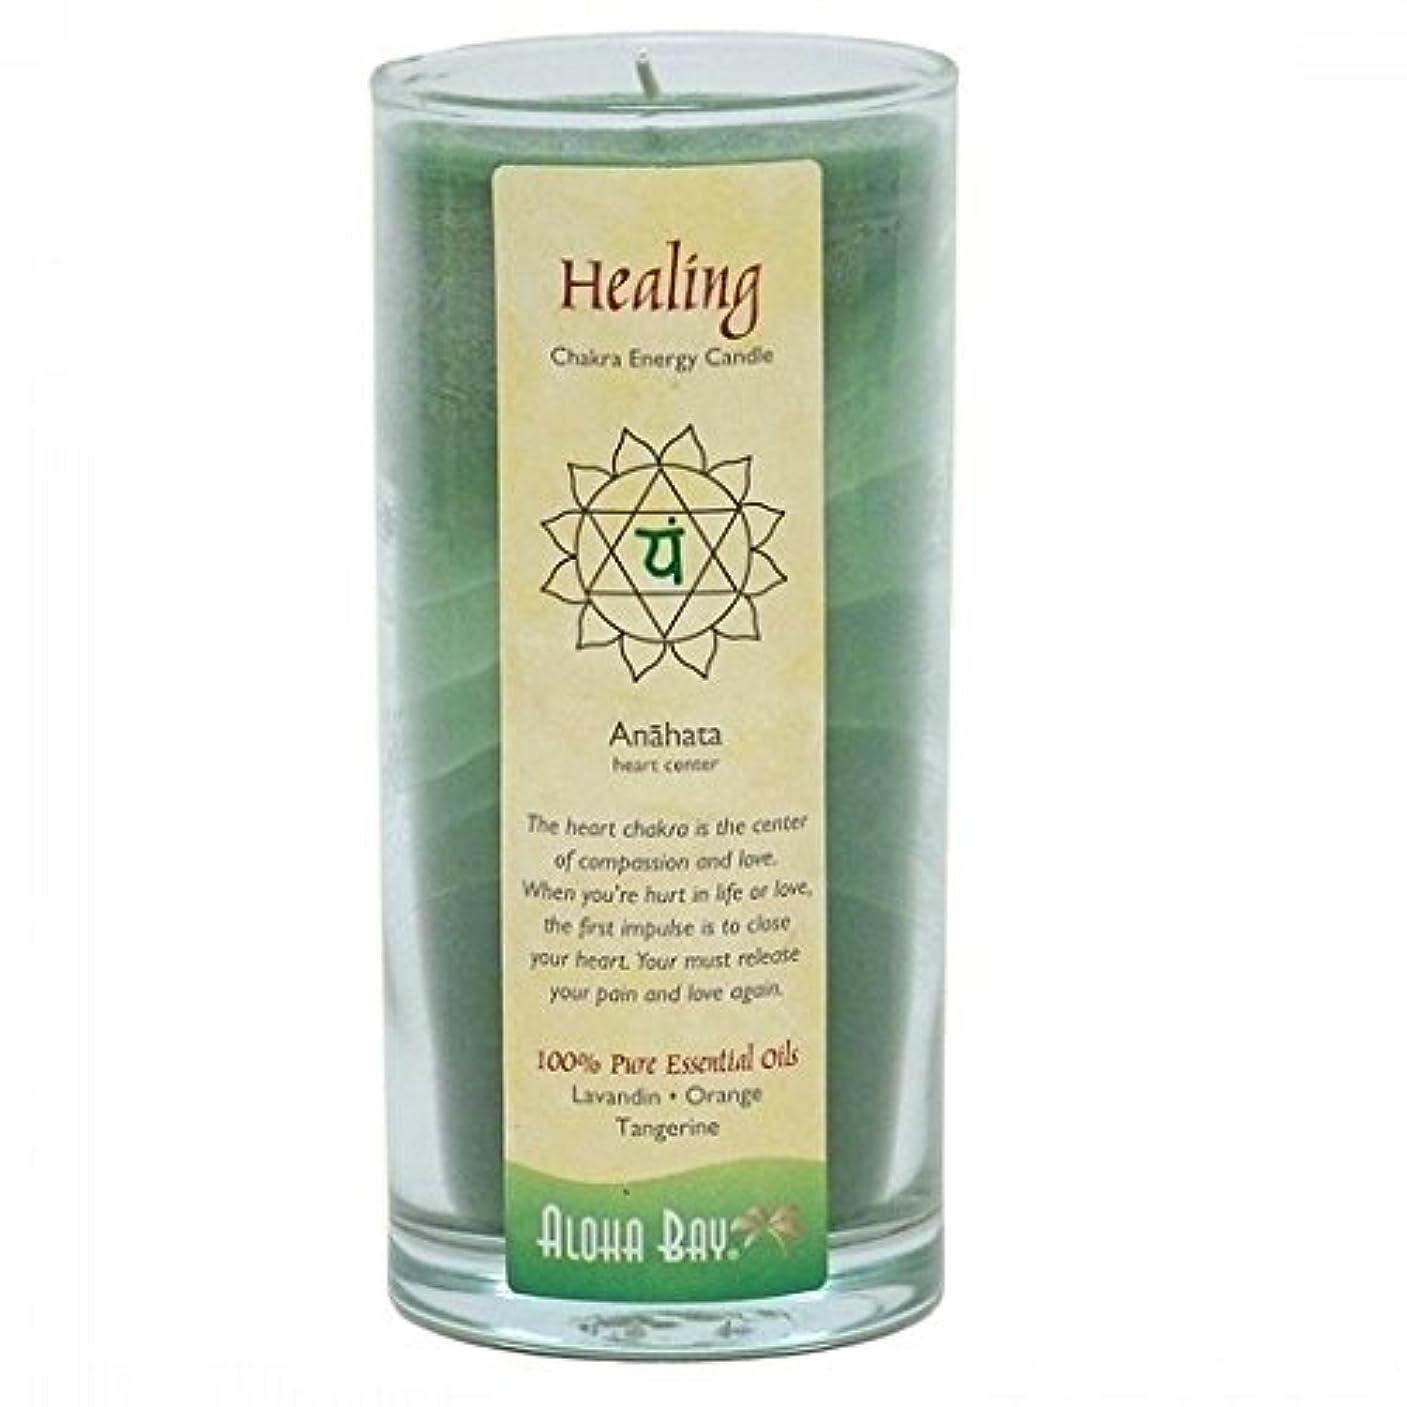 ダーツいちゃつくブラケットAloha Bay - Chakraエネルギー蝋燭の瓶の治療の治療 - 11ポンド